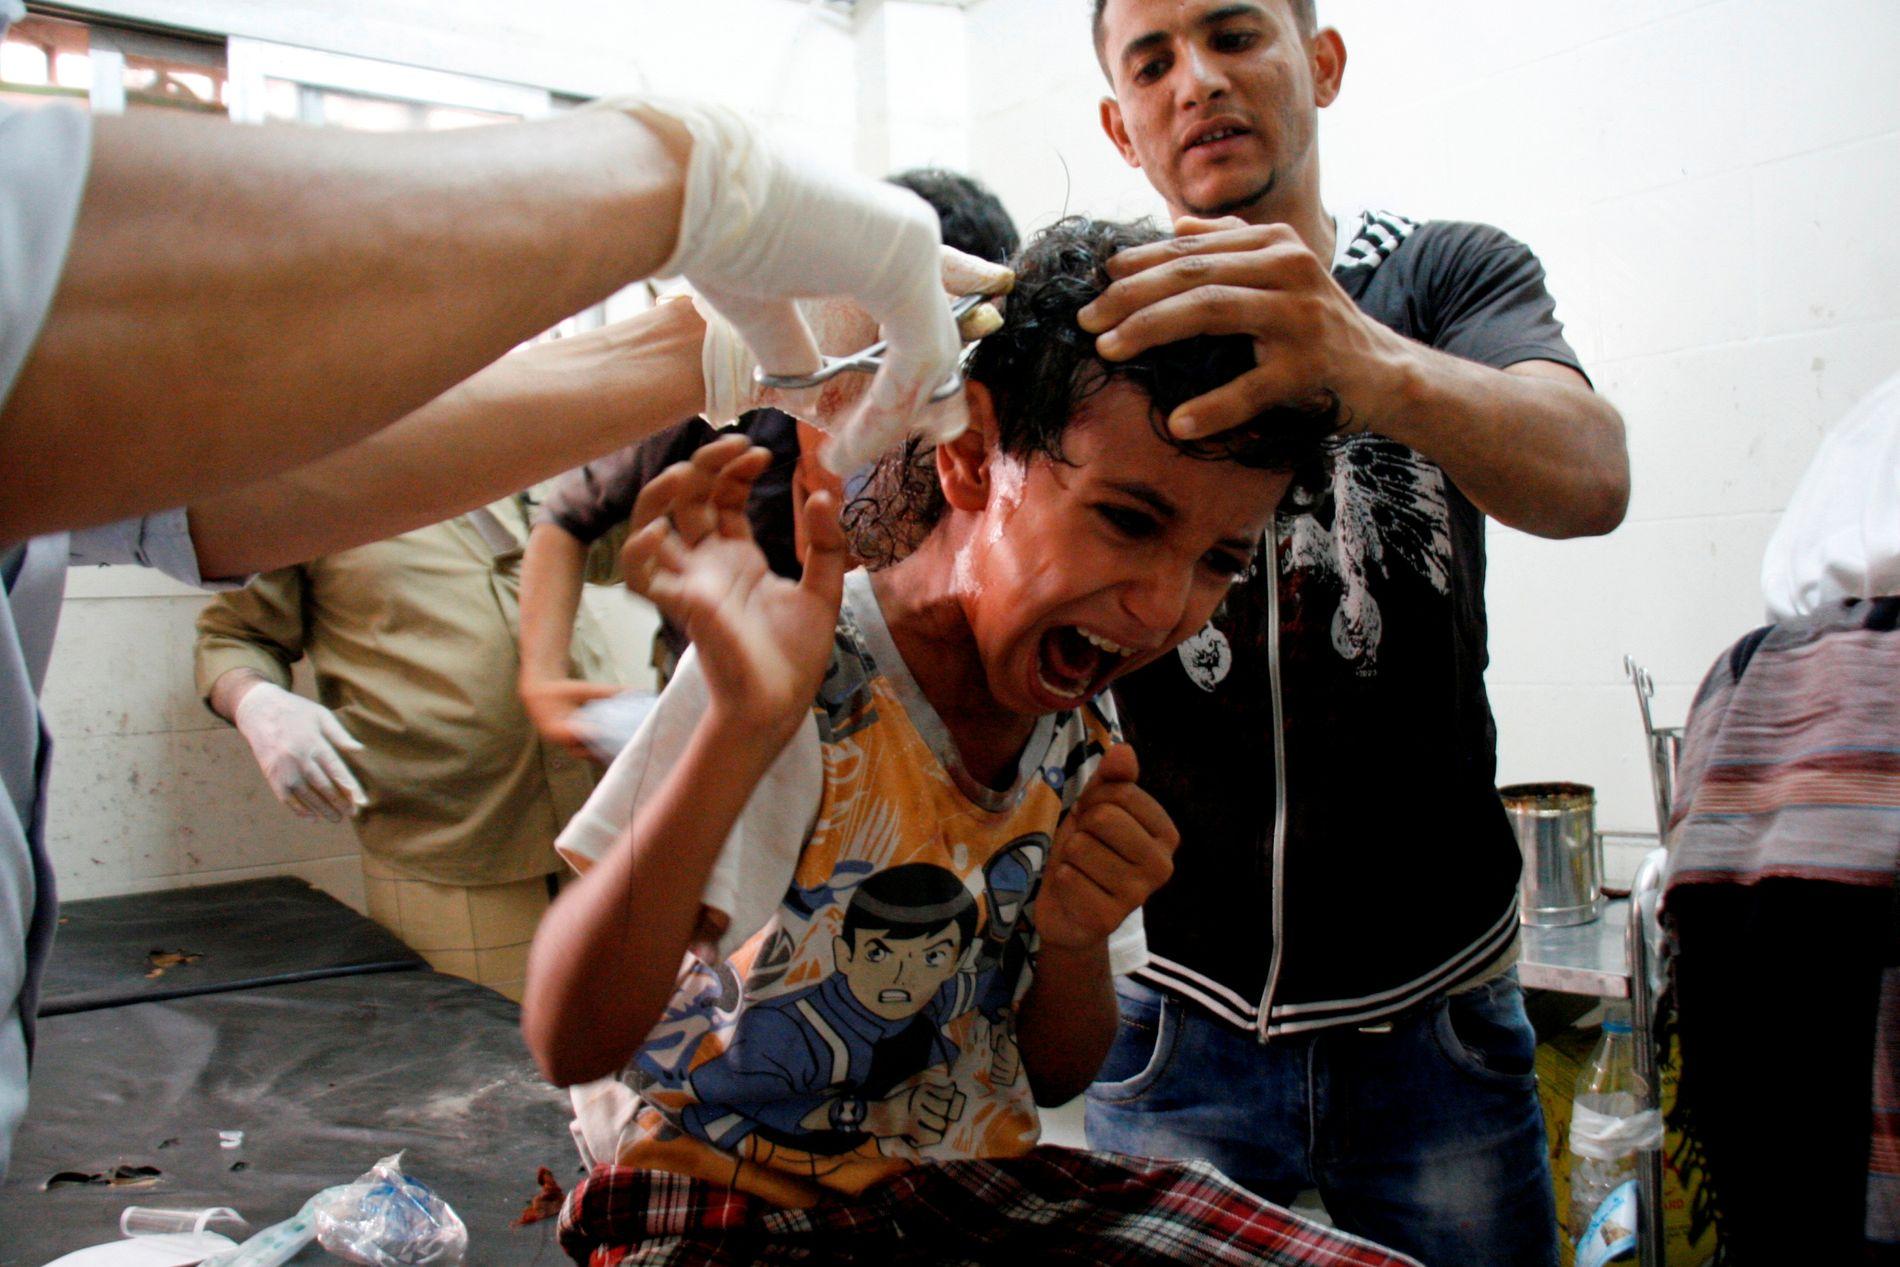 SKADET I KRYSSILD: En gutt får behandling etter at han ble skadet i kryssild mellom Houti-opprørerne og styrker støttet av blant andre De forente arabiske emirater, i byen Taiz, sørvest i Jemen.